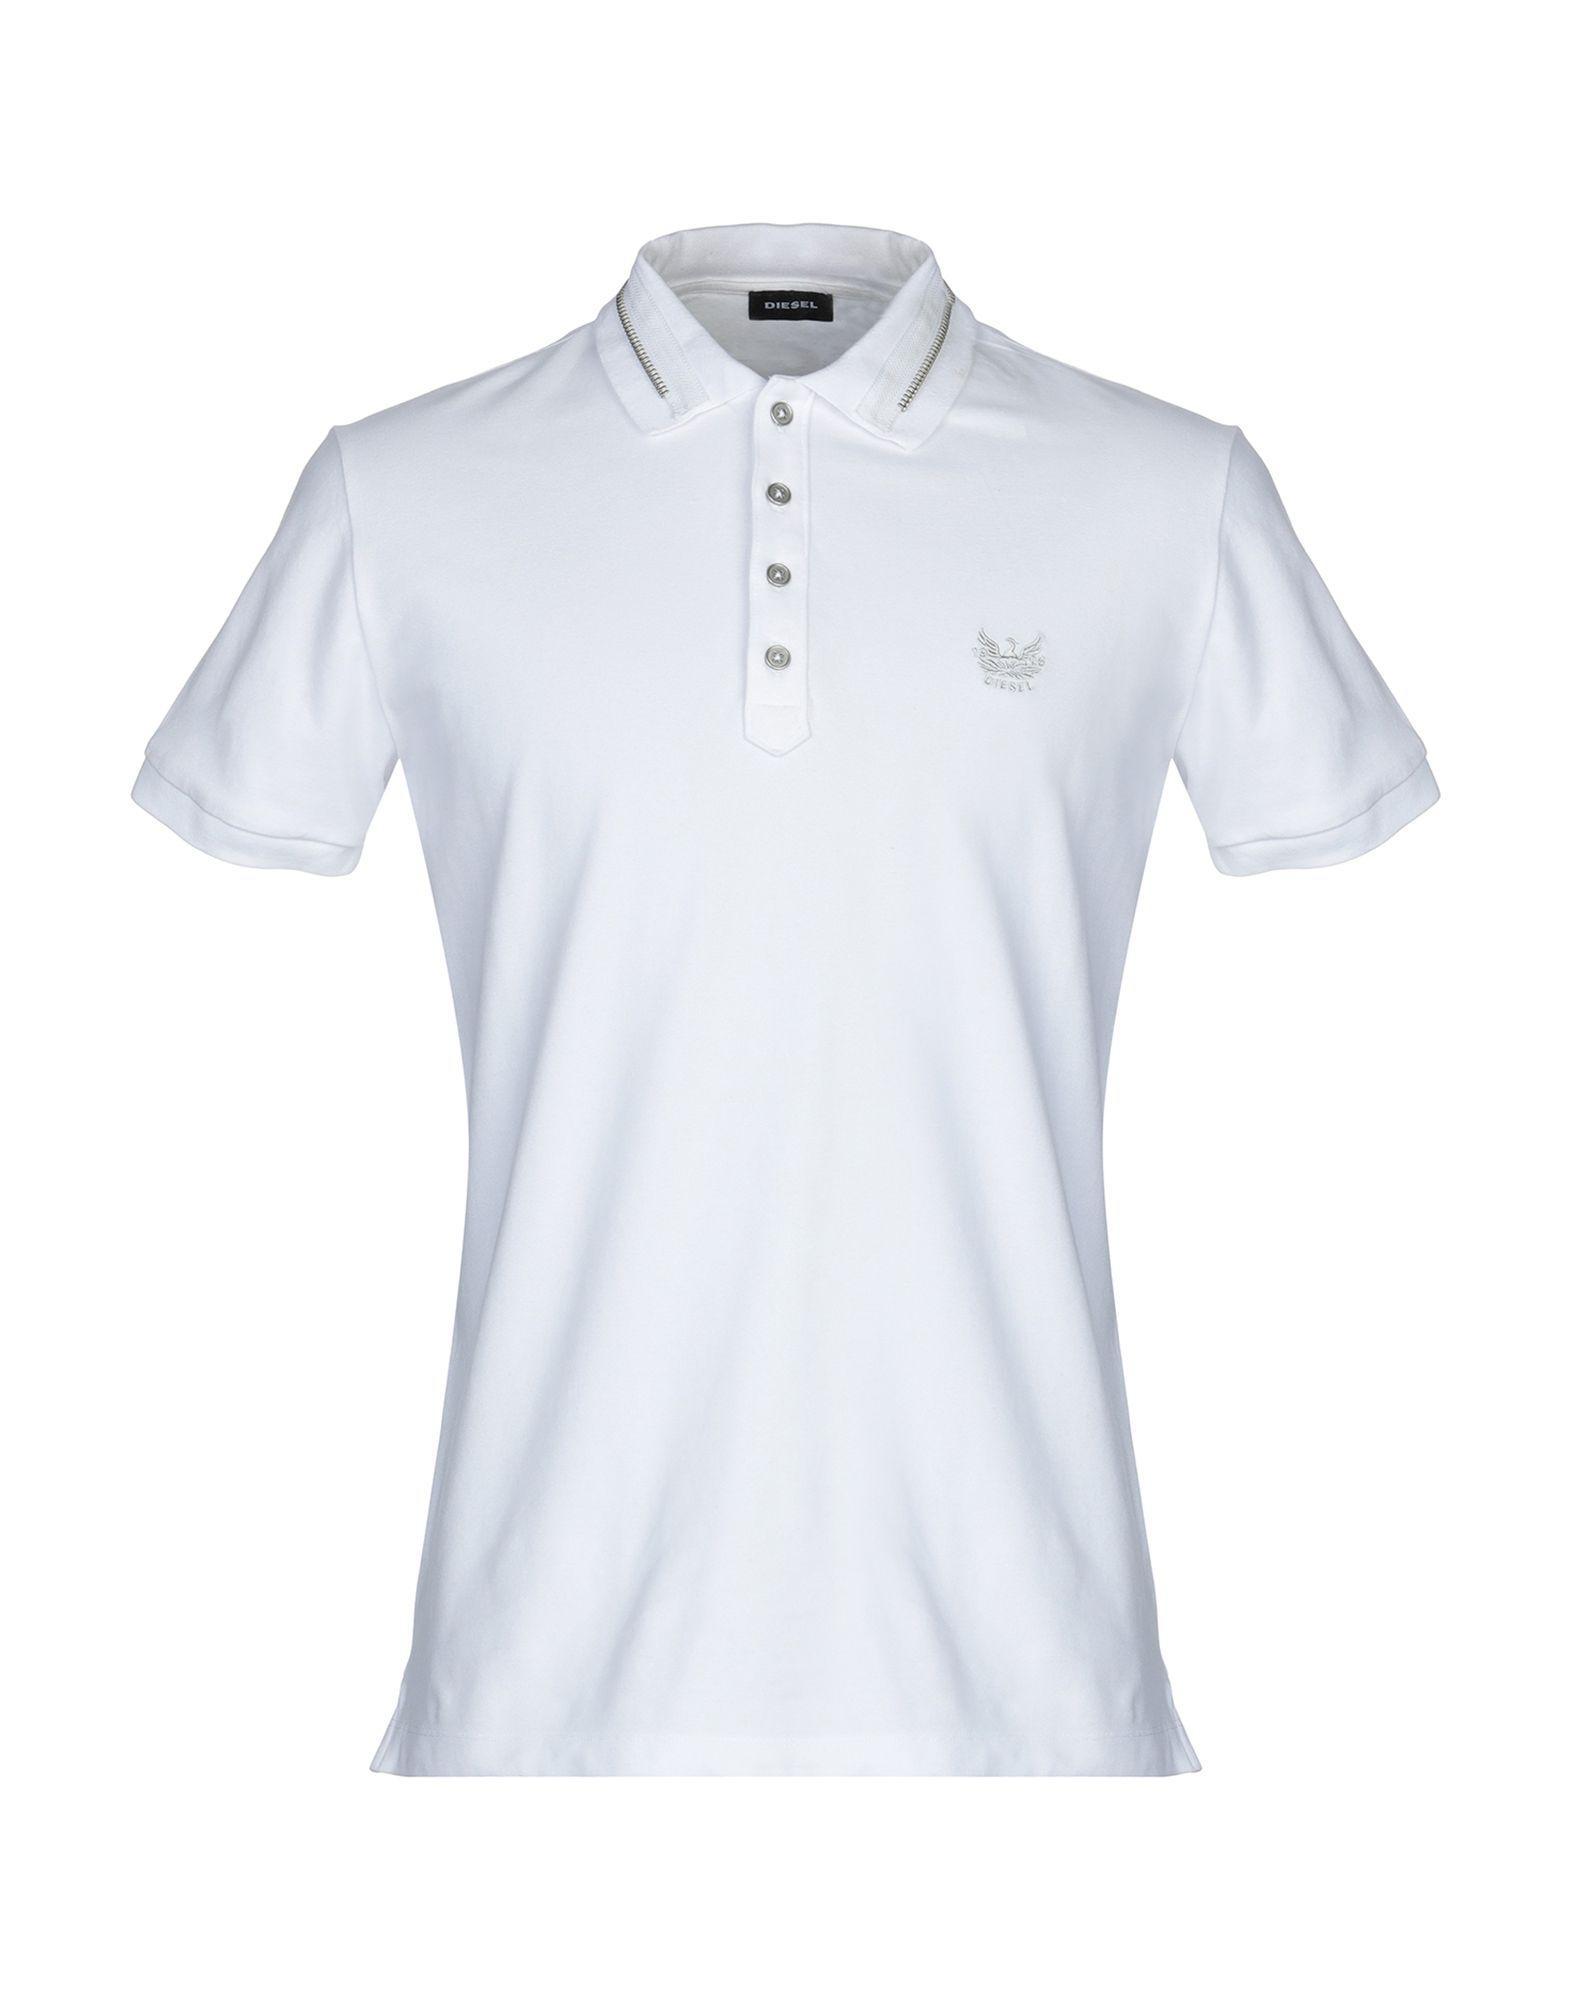 492f9580 DIESEL - White Polo Shirt for Men - Lyst. View fullscreen